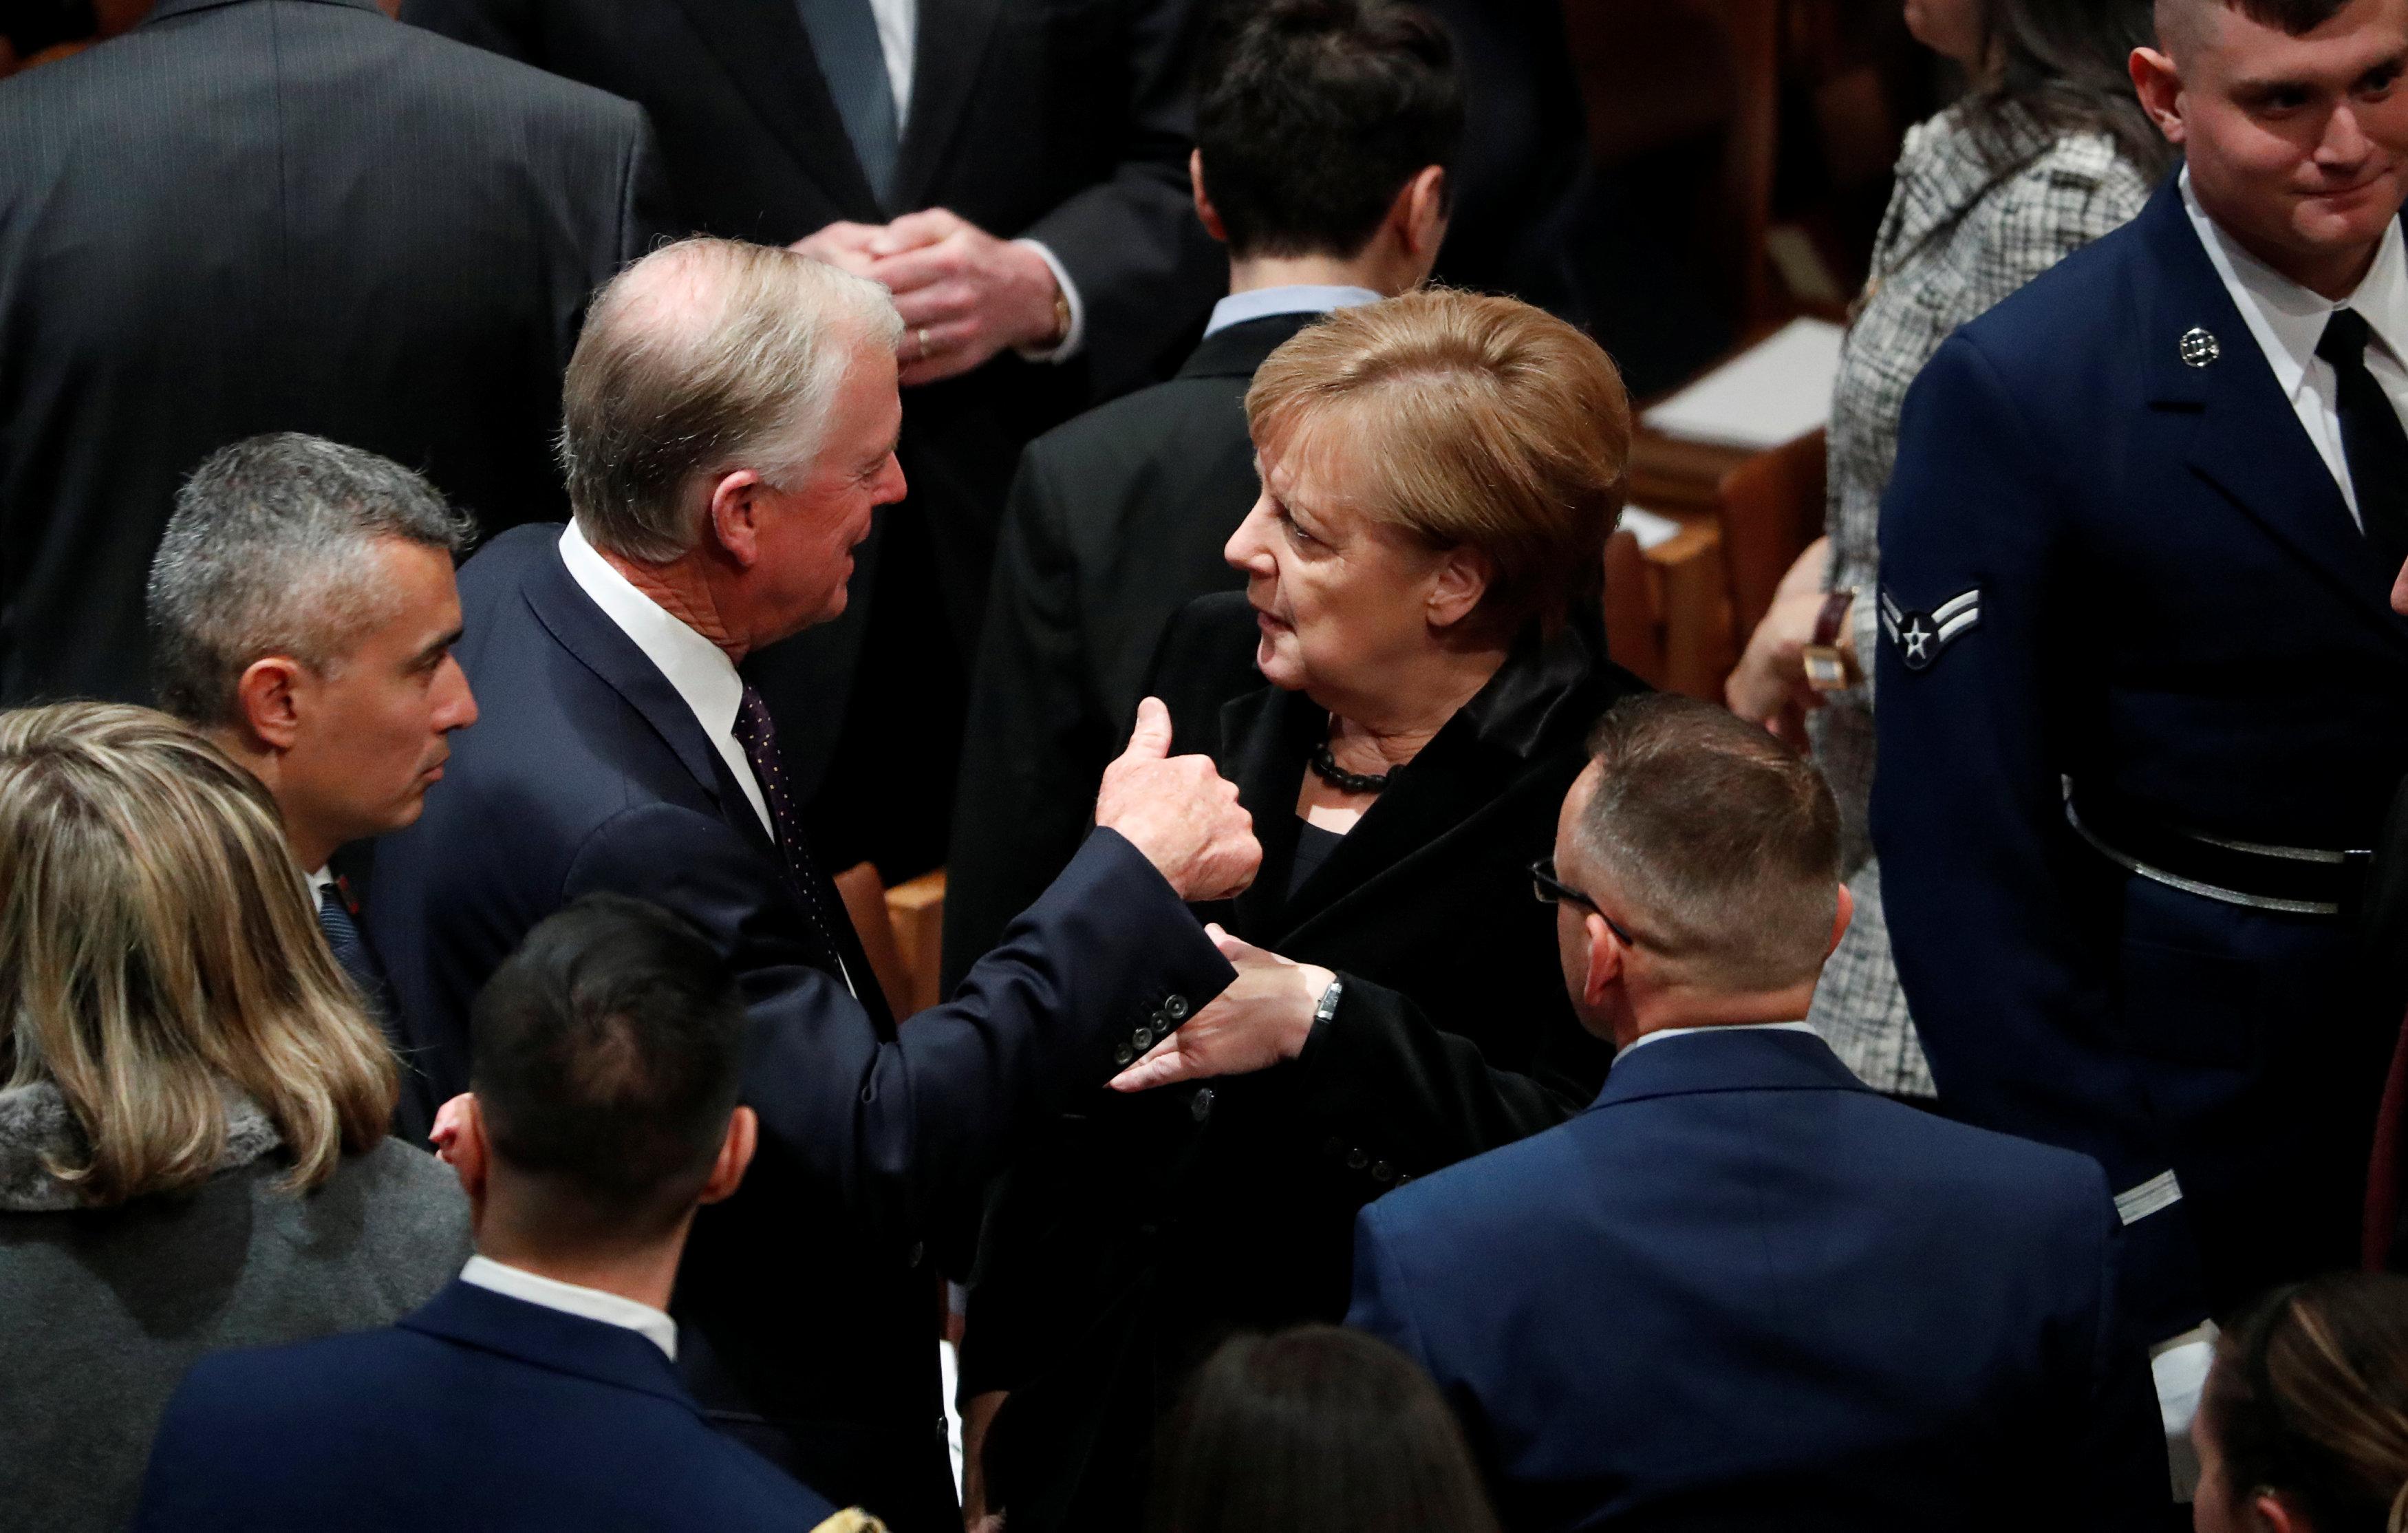 La canciller alemana Angela Merkel habla con el ex vicepresidente de Estados Unidos, Dan Quayle, en el funeral de estado del ex presidente de Estados Unidos George H.W. Bush en la Catedral Nacional de Washington en Washington, Estados Unidos, el 5 de diciembre de 2018. (Reuters)